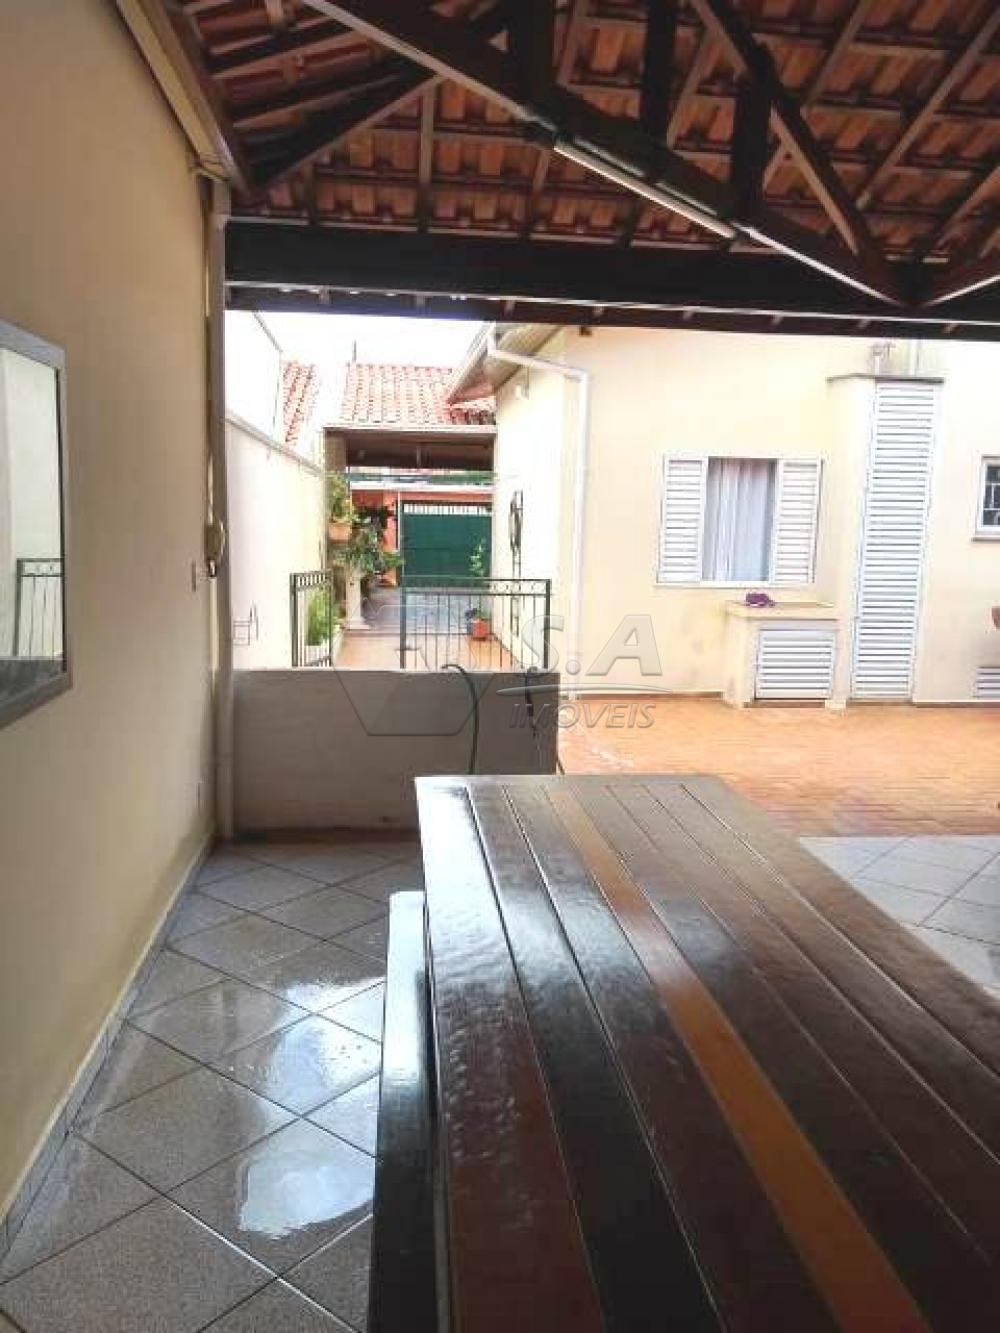 Comprar Casa / Padrão em Botucatu apenas R$ 700.000,00 - Foto 26